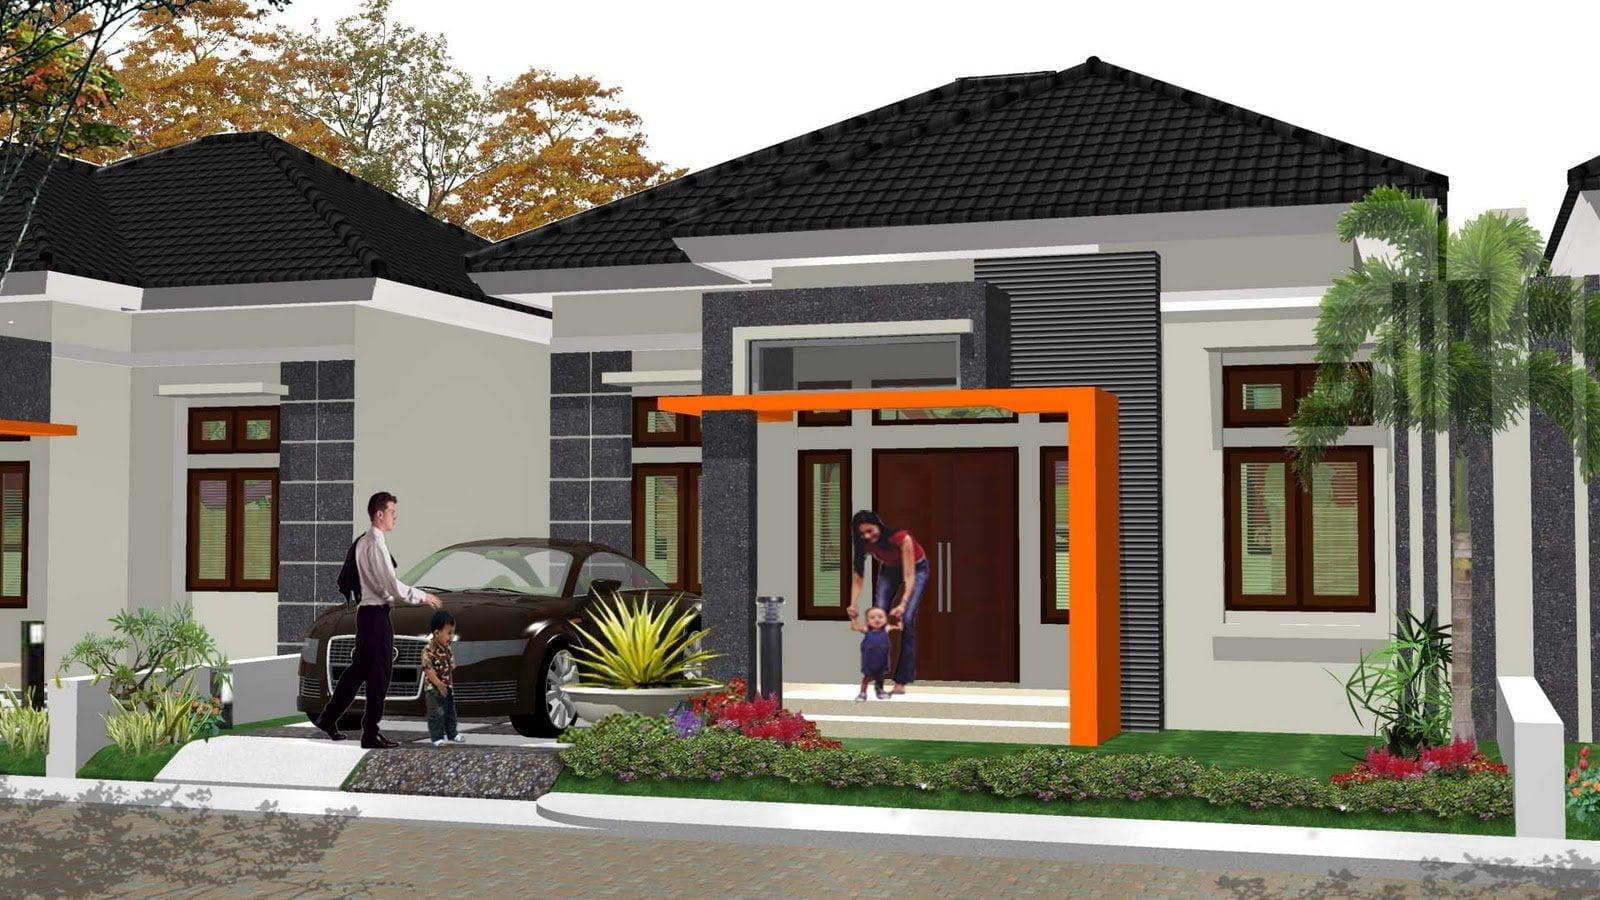 52 Kumpulan Desain Model Rumah Minimalis Modern Terbaru 1 Lantai Paling Populer di Dunia